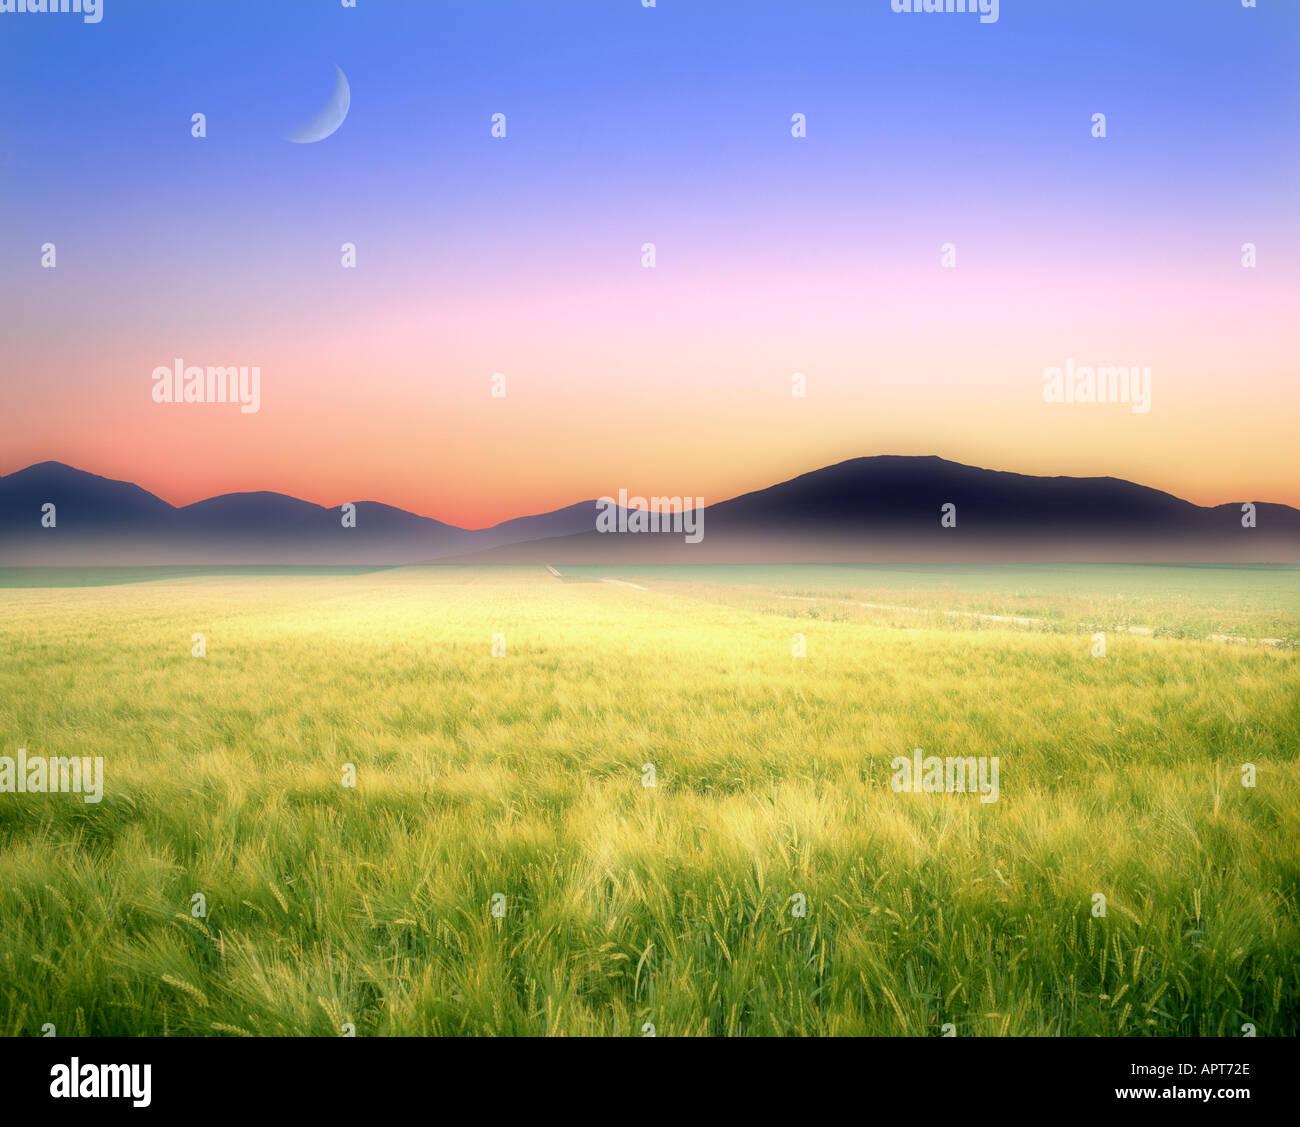 CH - NEUCHATEL: il paesaggio e le montagne del Giura vicino a St. Imier Immagini Stock